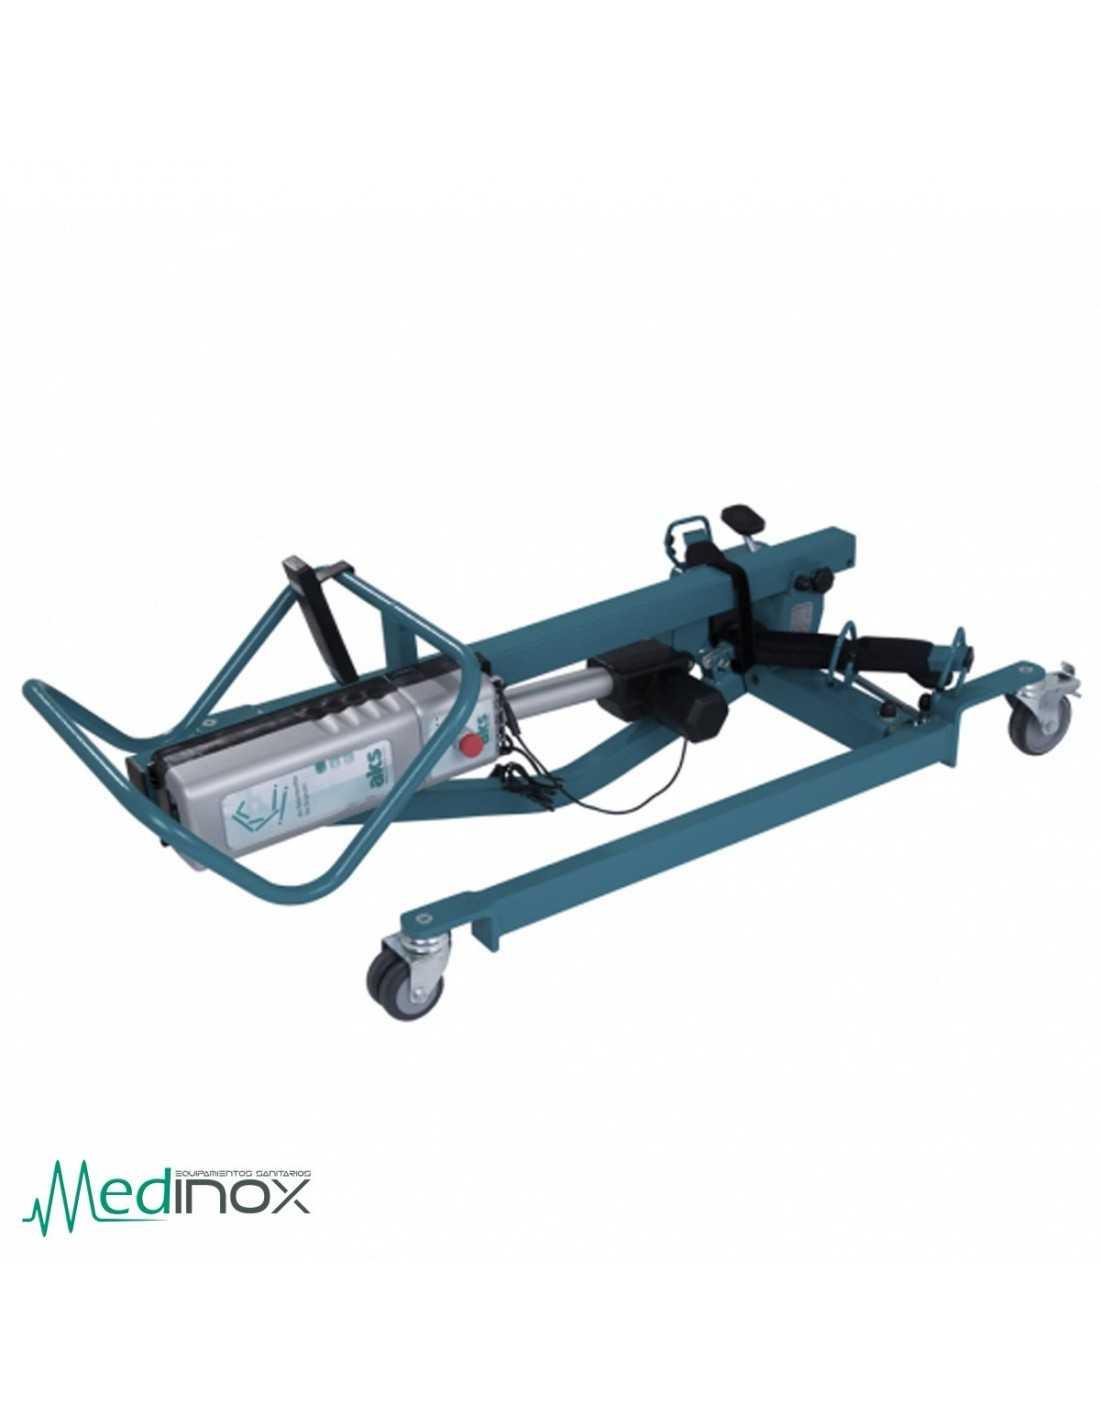 Gr as para personas mayores con arn s medinox - Compartir piso con personas mayores ...